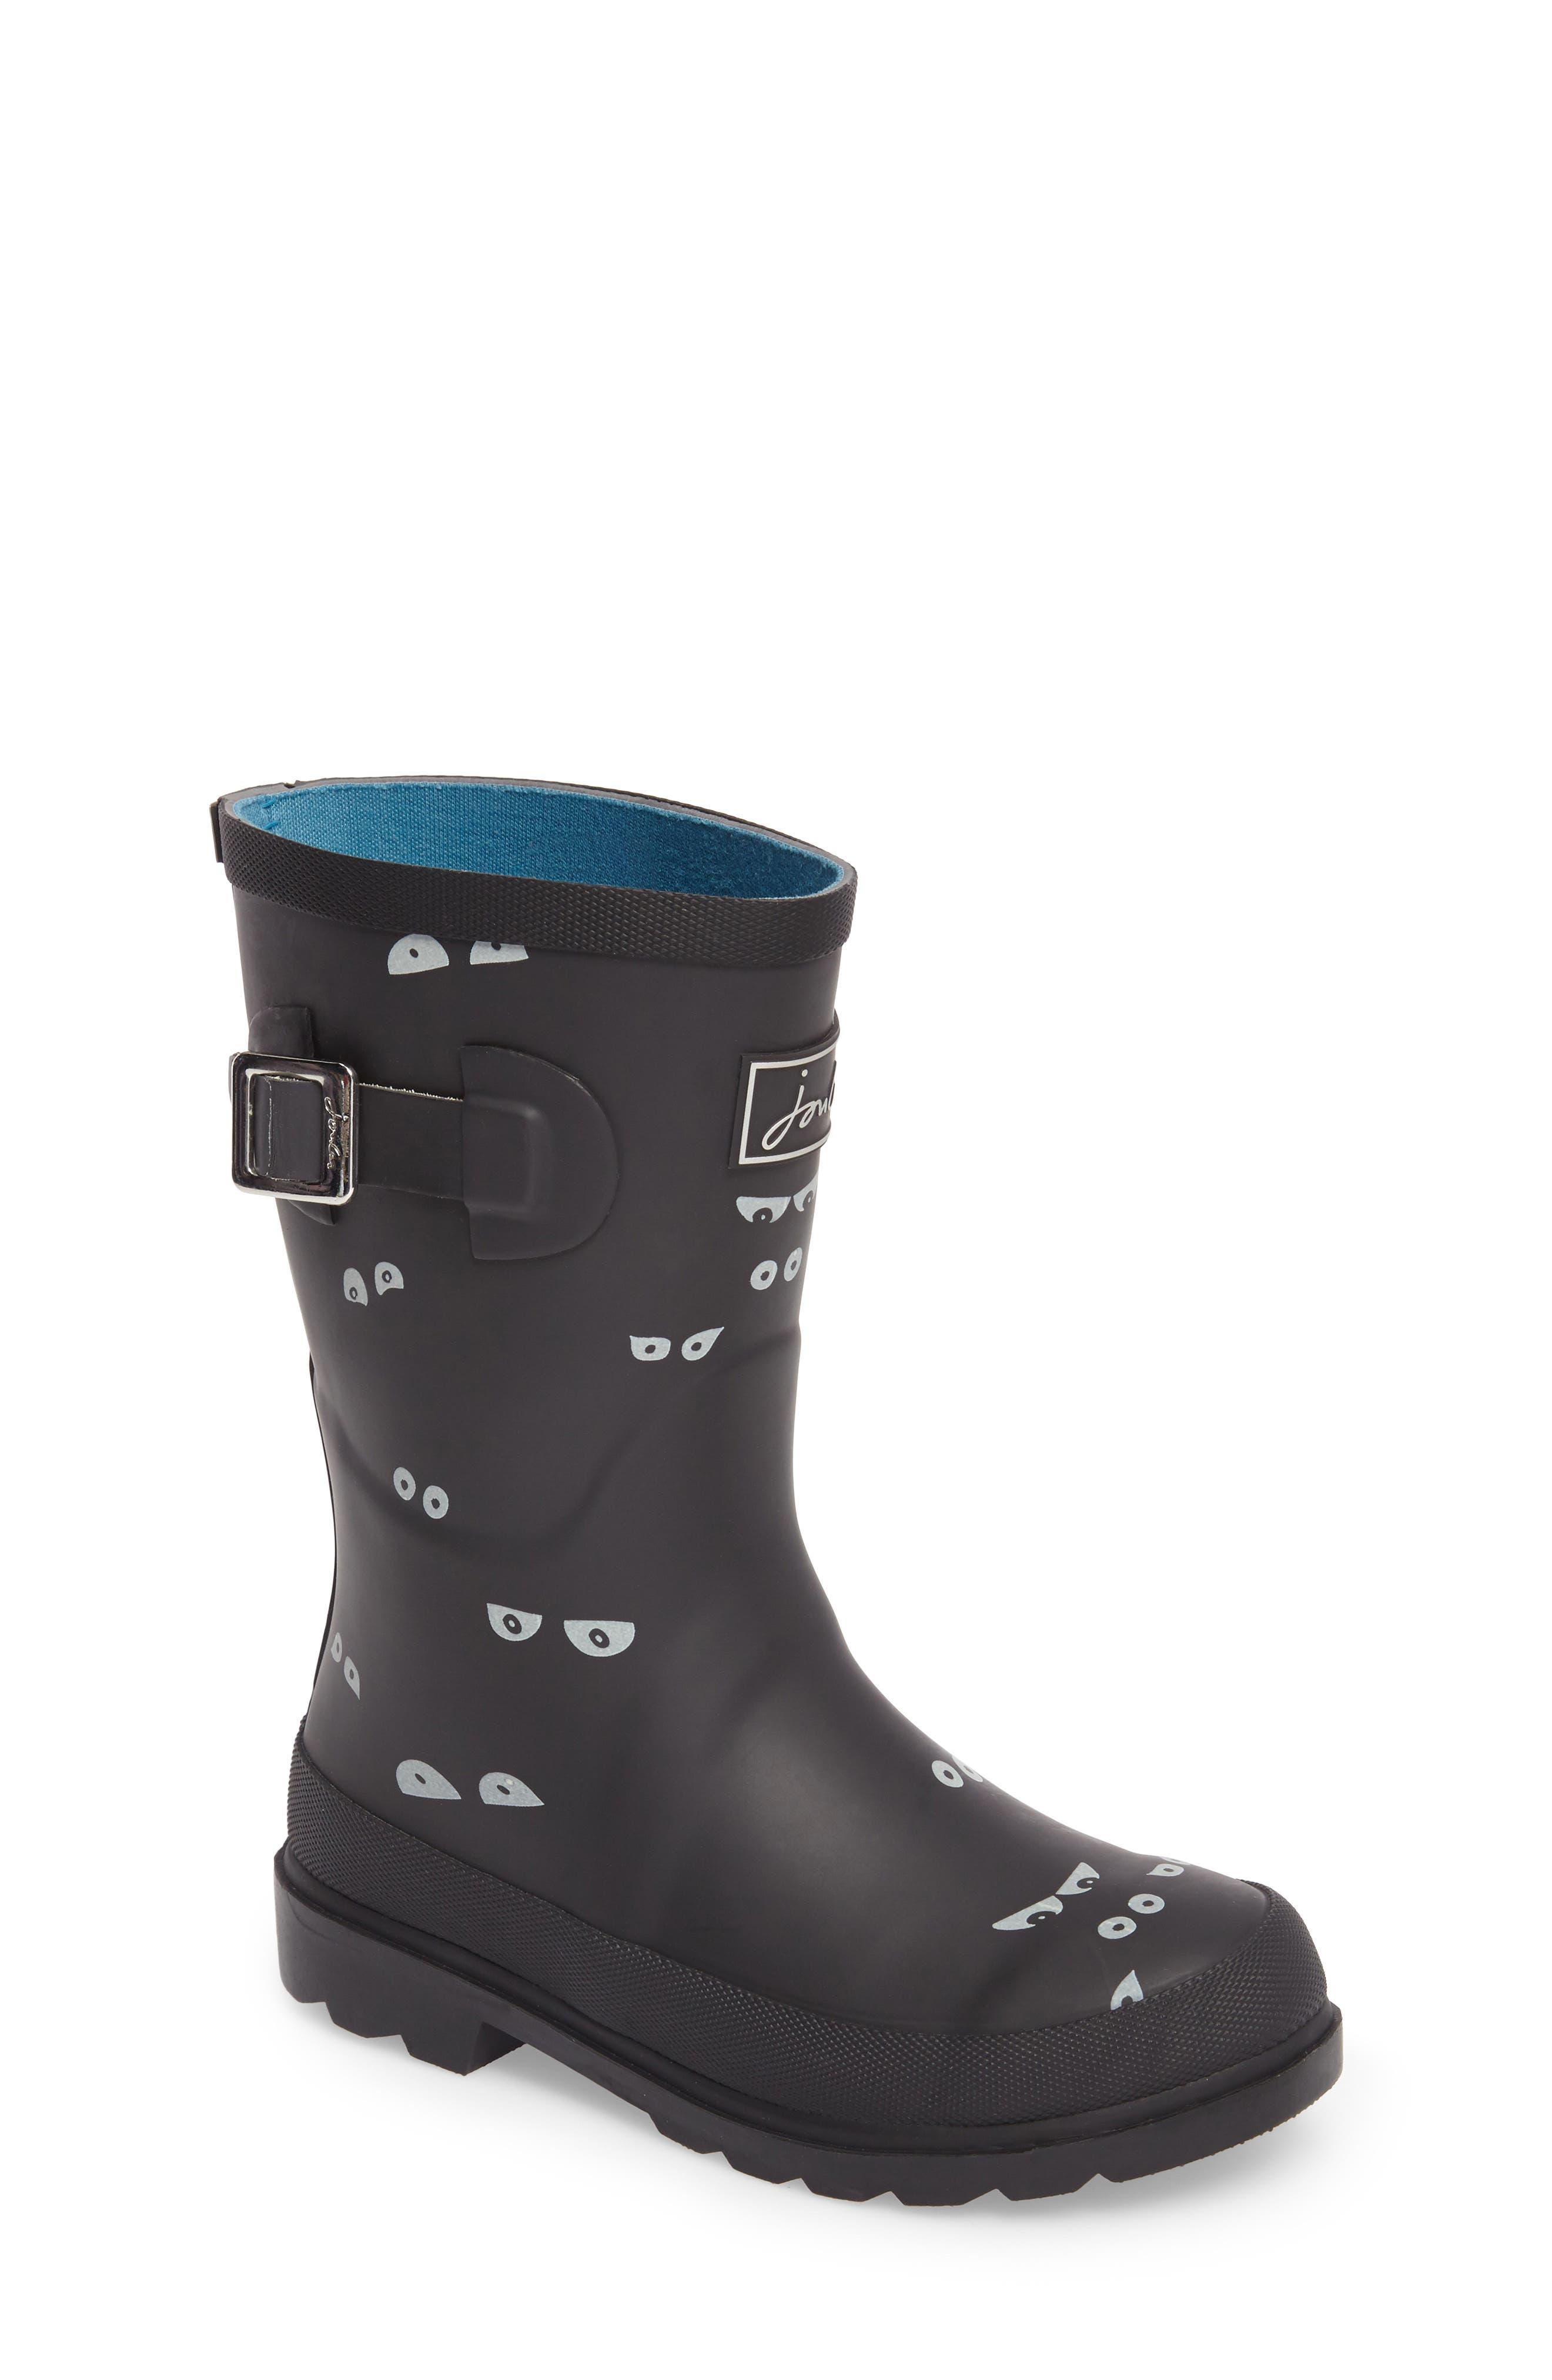 Joules Printed Waterproof Rain Boot (Toddler, Little Kid & Big Kid)